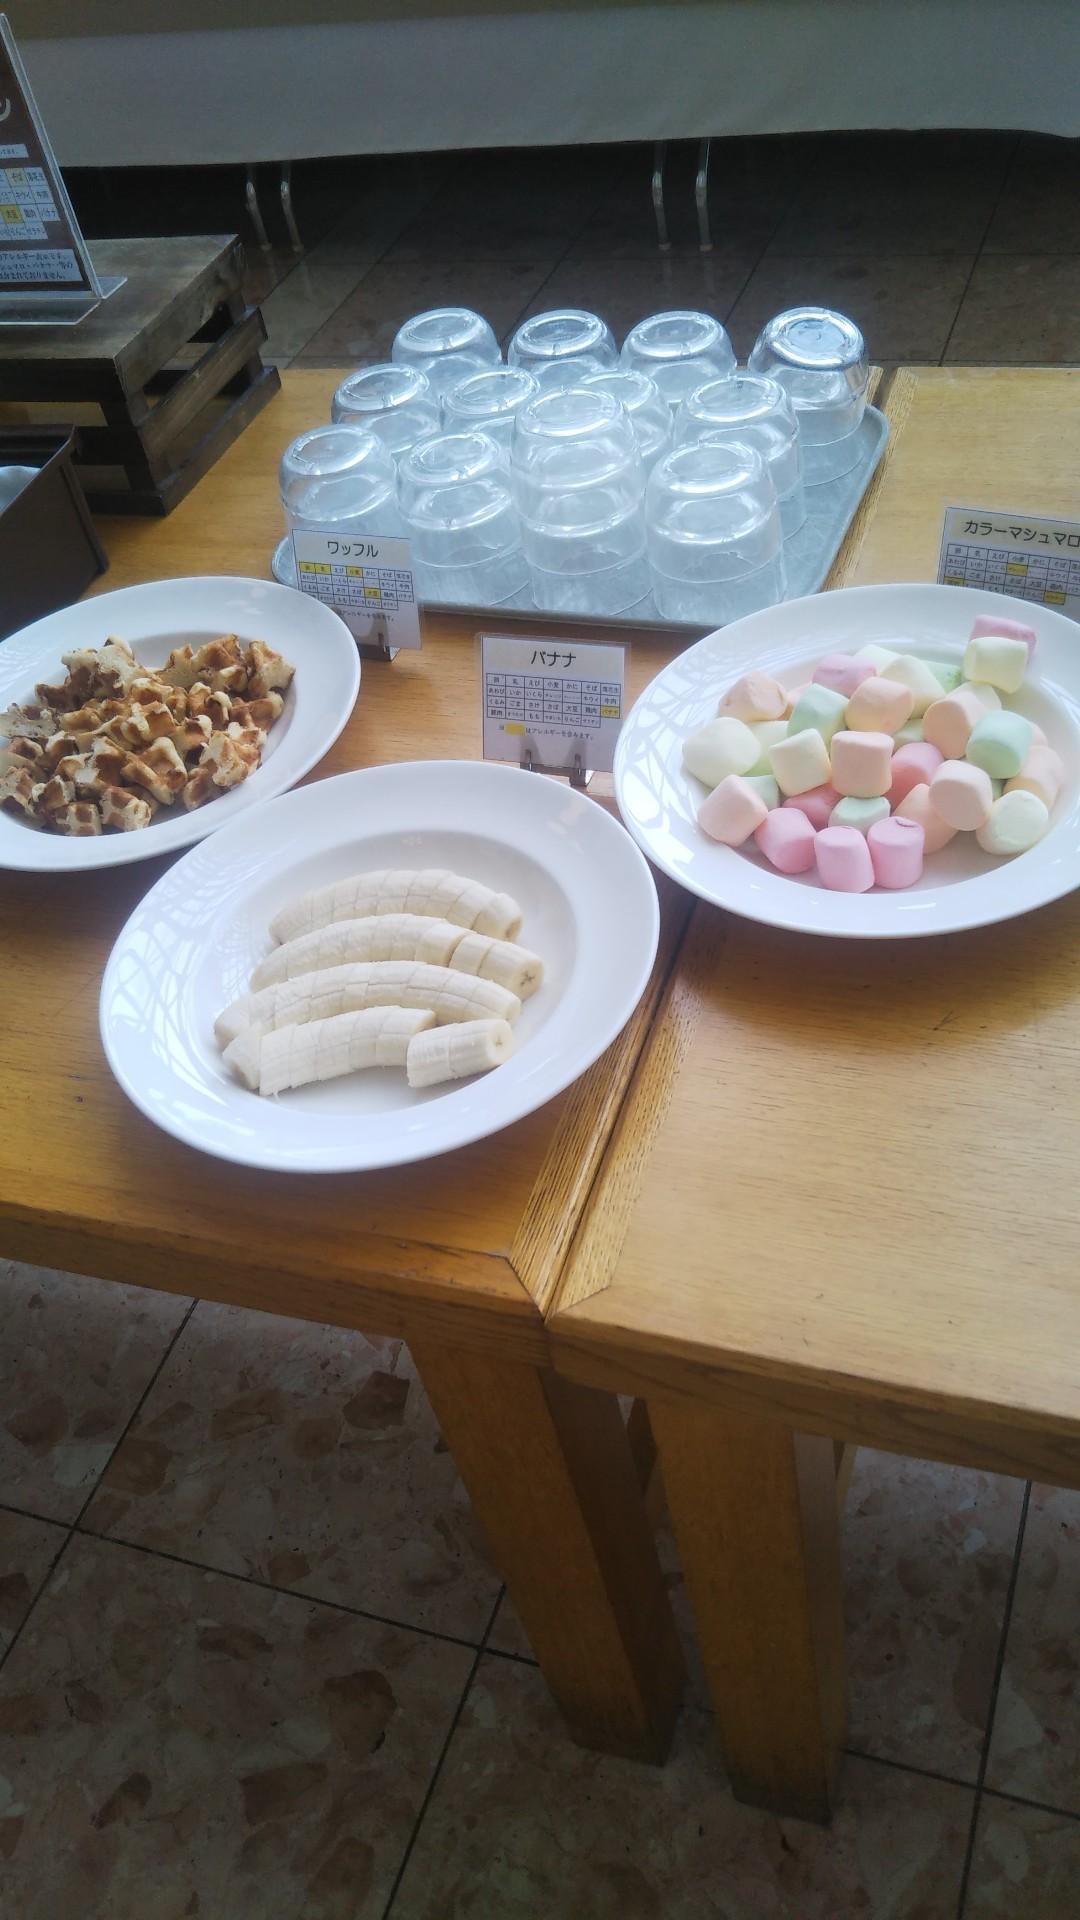 シャトレーゼ ガトーキングダムサッポロ ヴィーニュ Dessert Buffet~夏のべジスイーツフェア~_f0076001_23441042.jpg